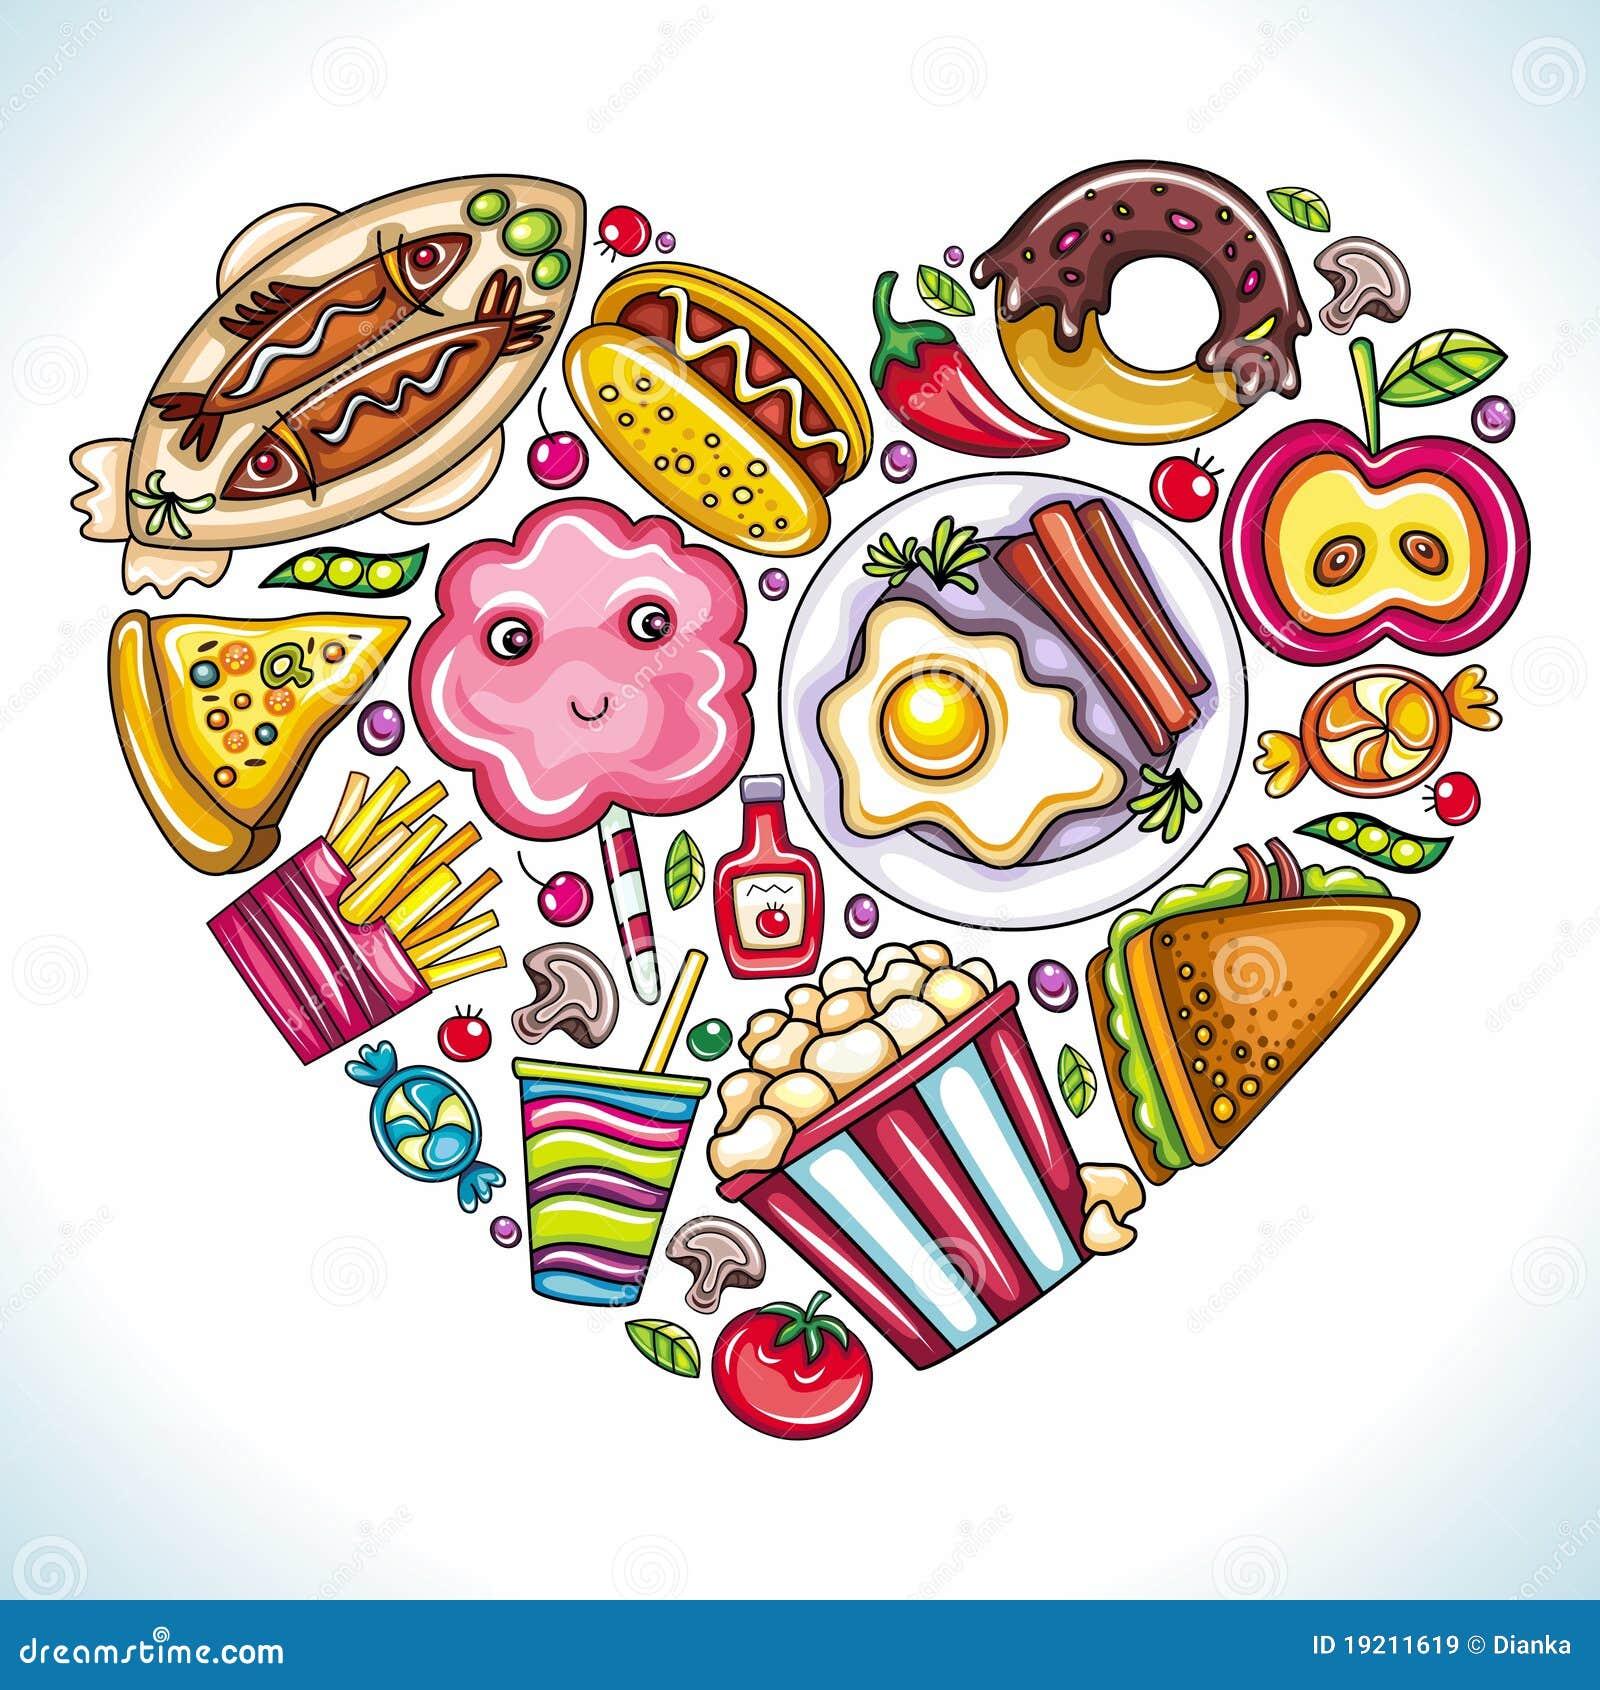 Eu Amo Comer Imagens De Stock Royalty Free Imagem 19211619